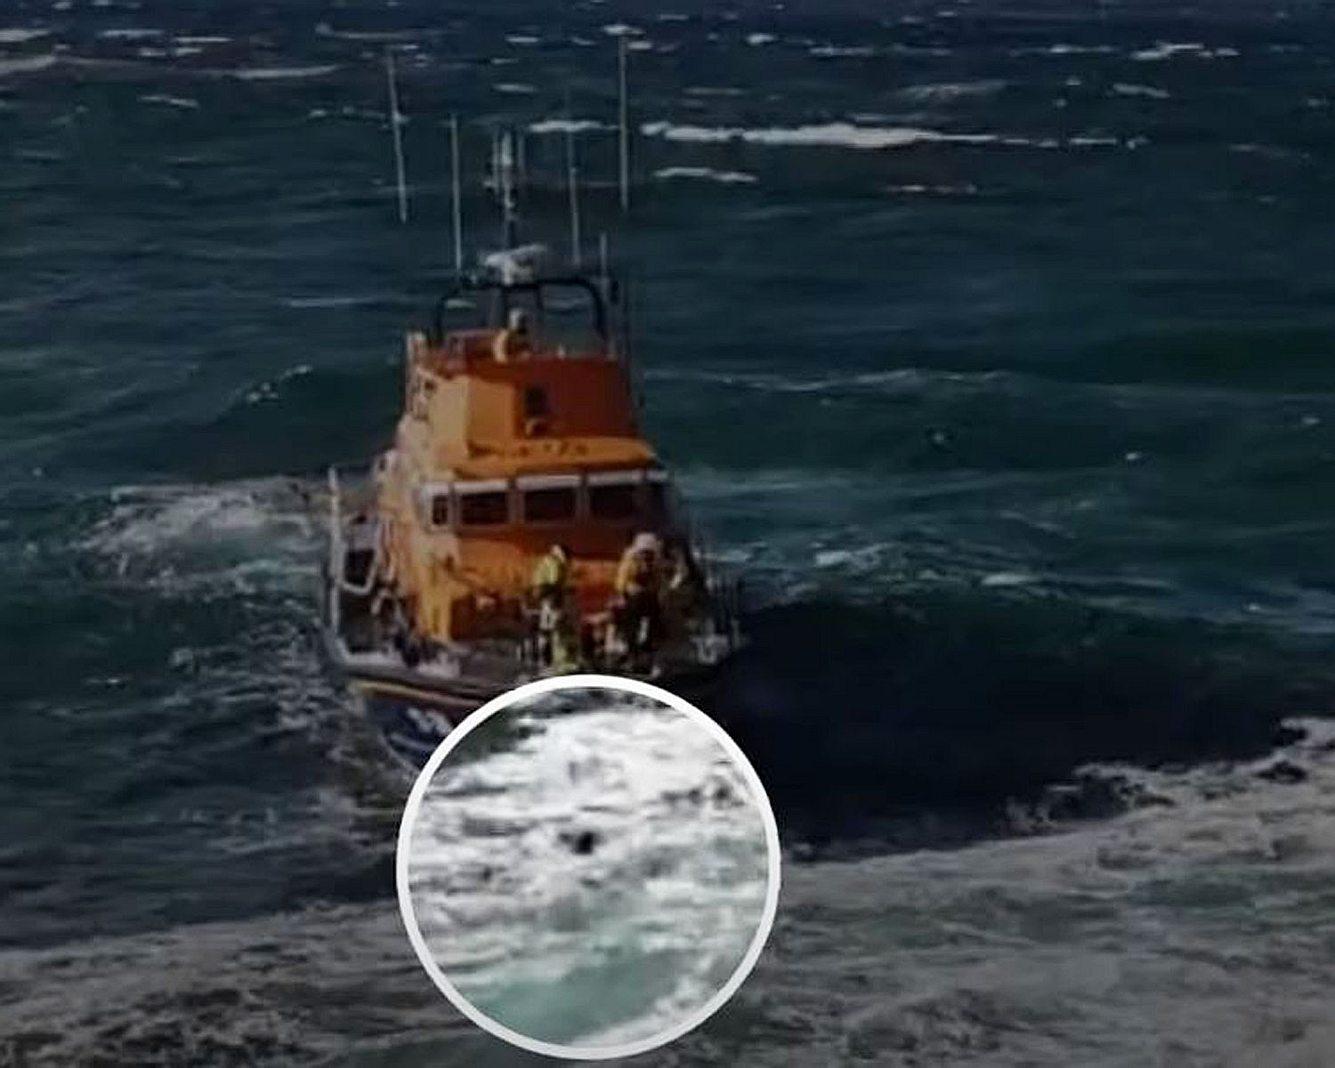 Rettungsaktion auf dem Meer